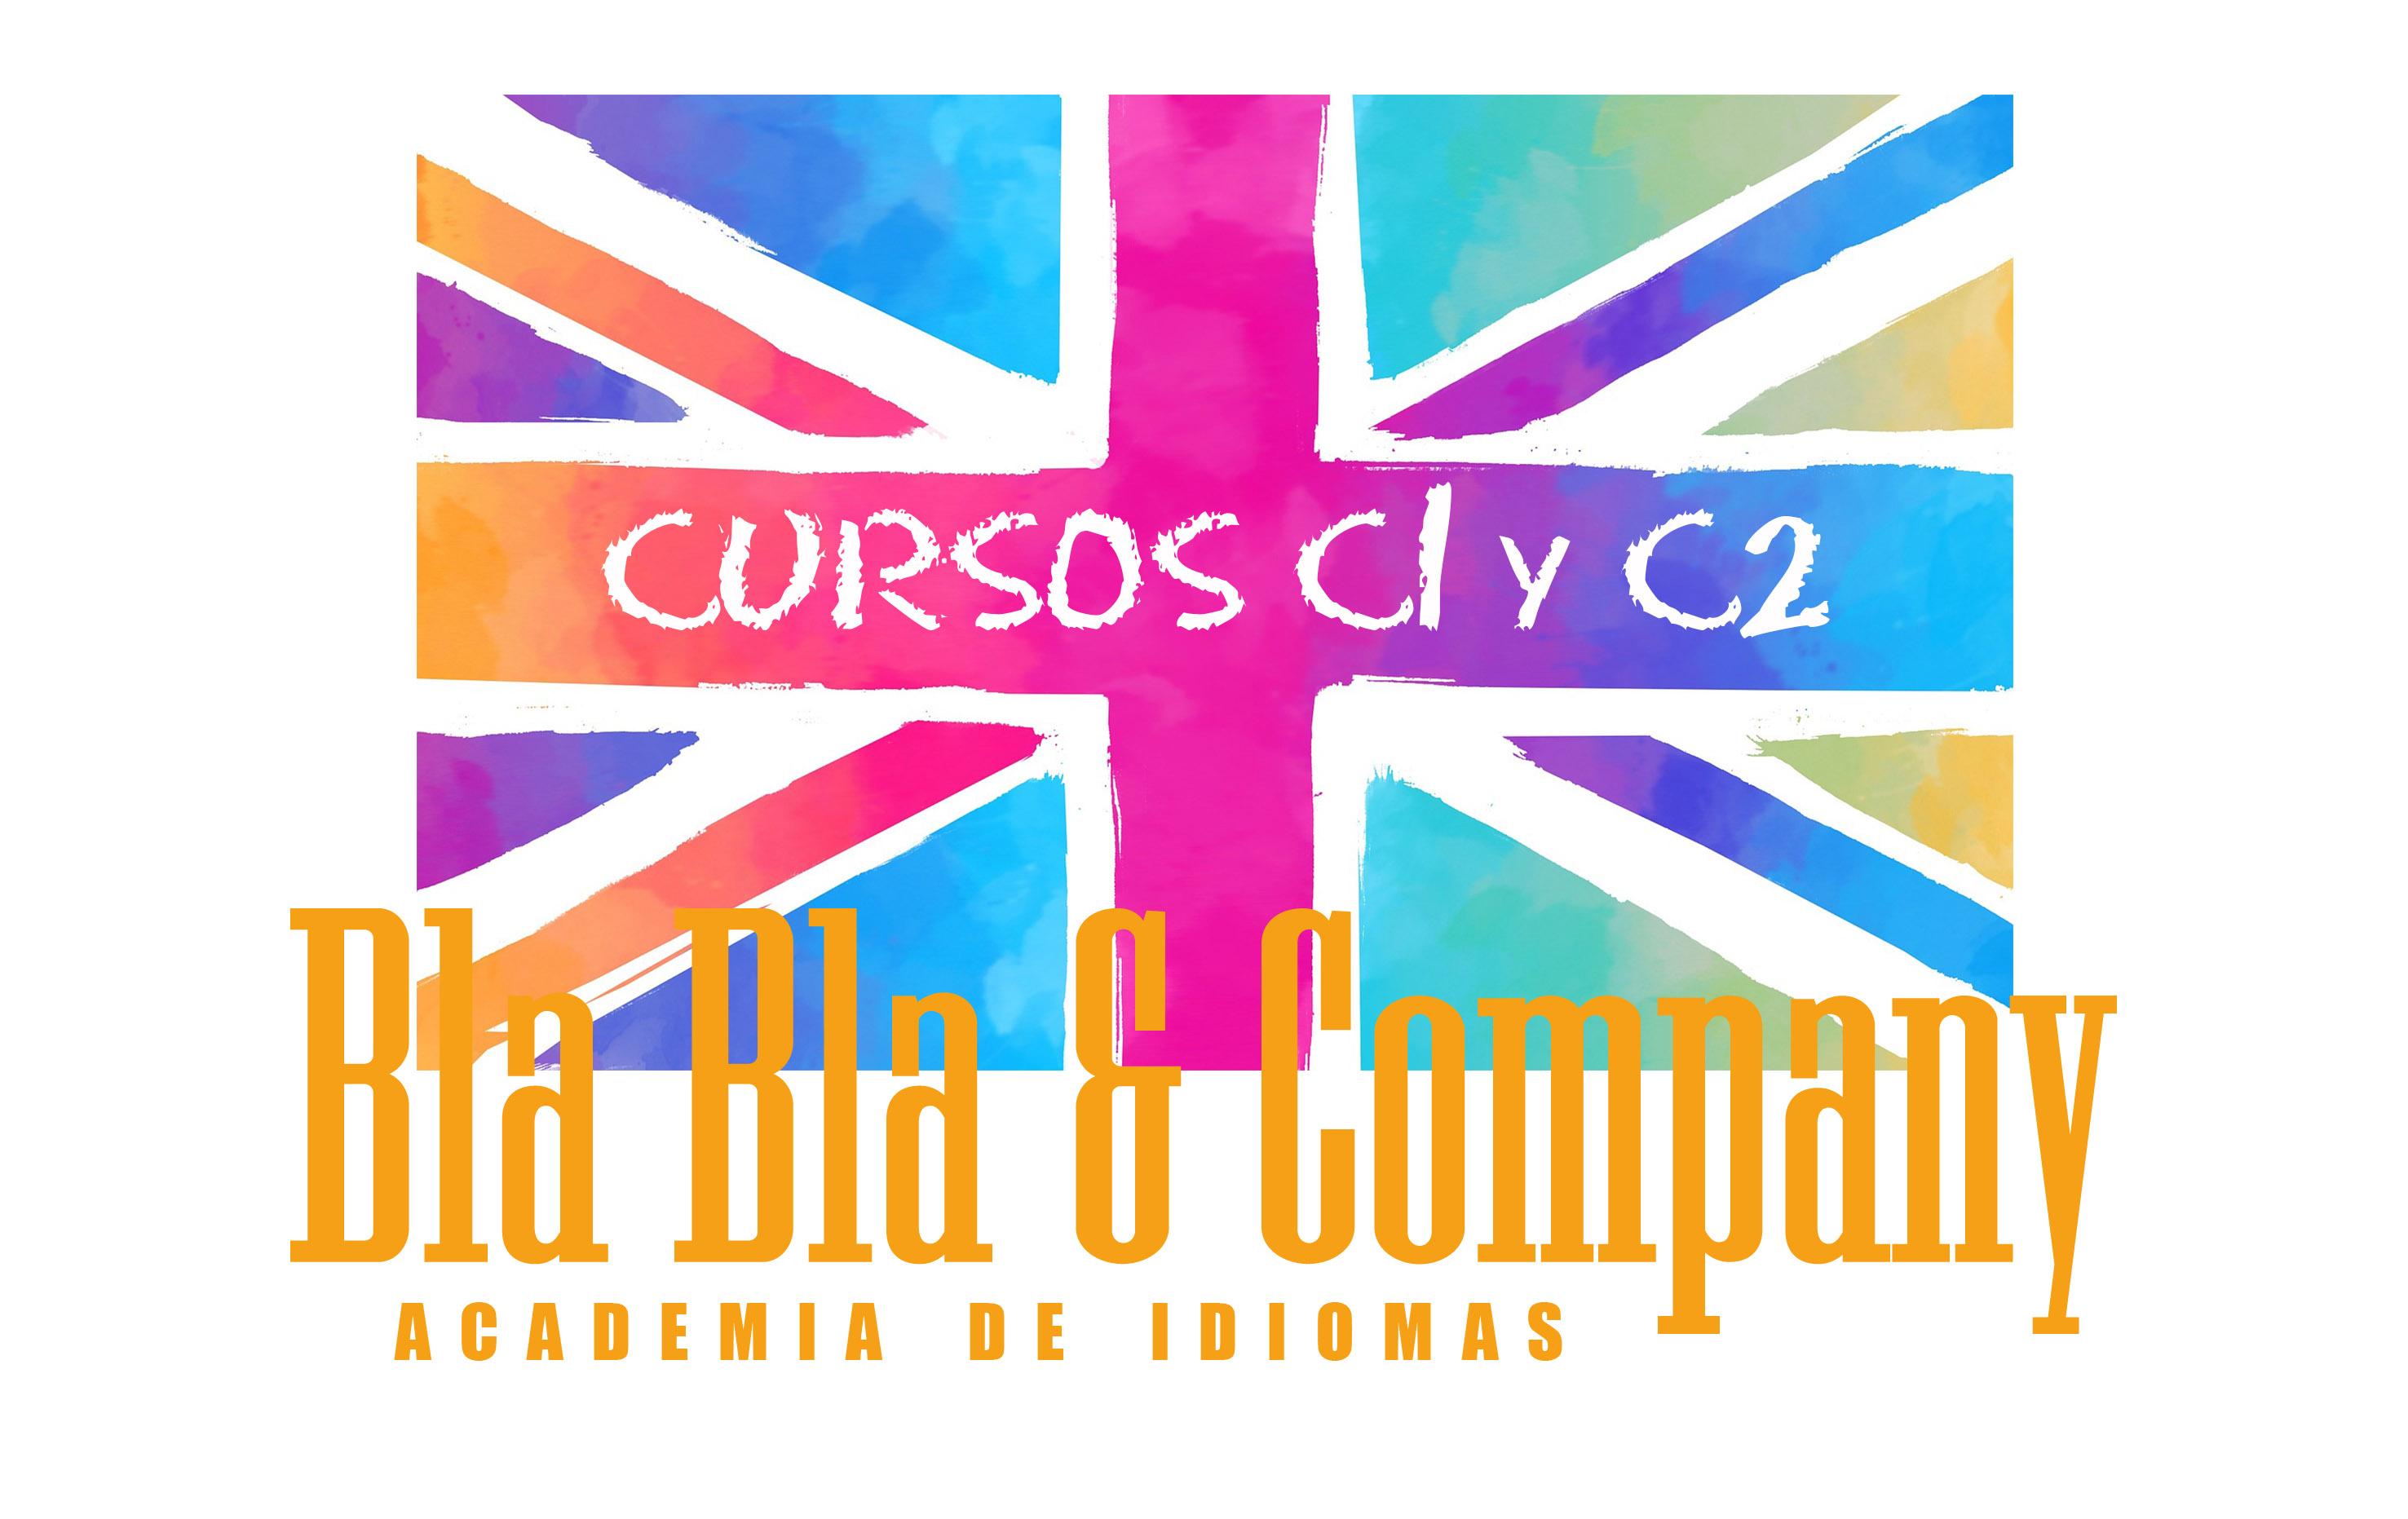 Academia Bla Bla & Company